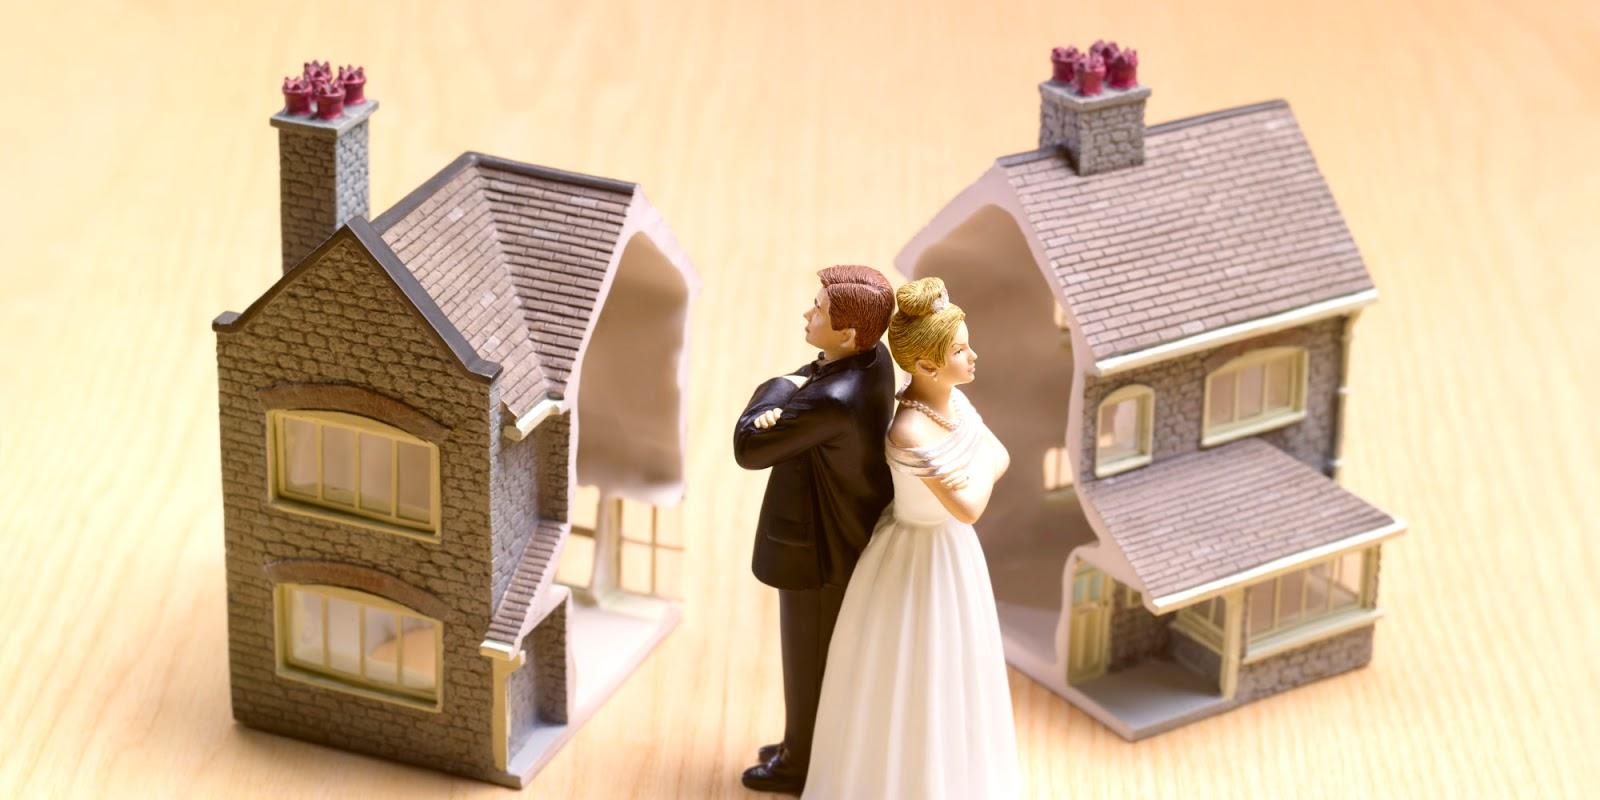 раздел имущества приобретенного в ипотеку до брака теперь был